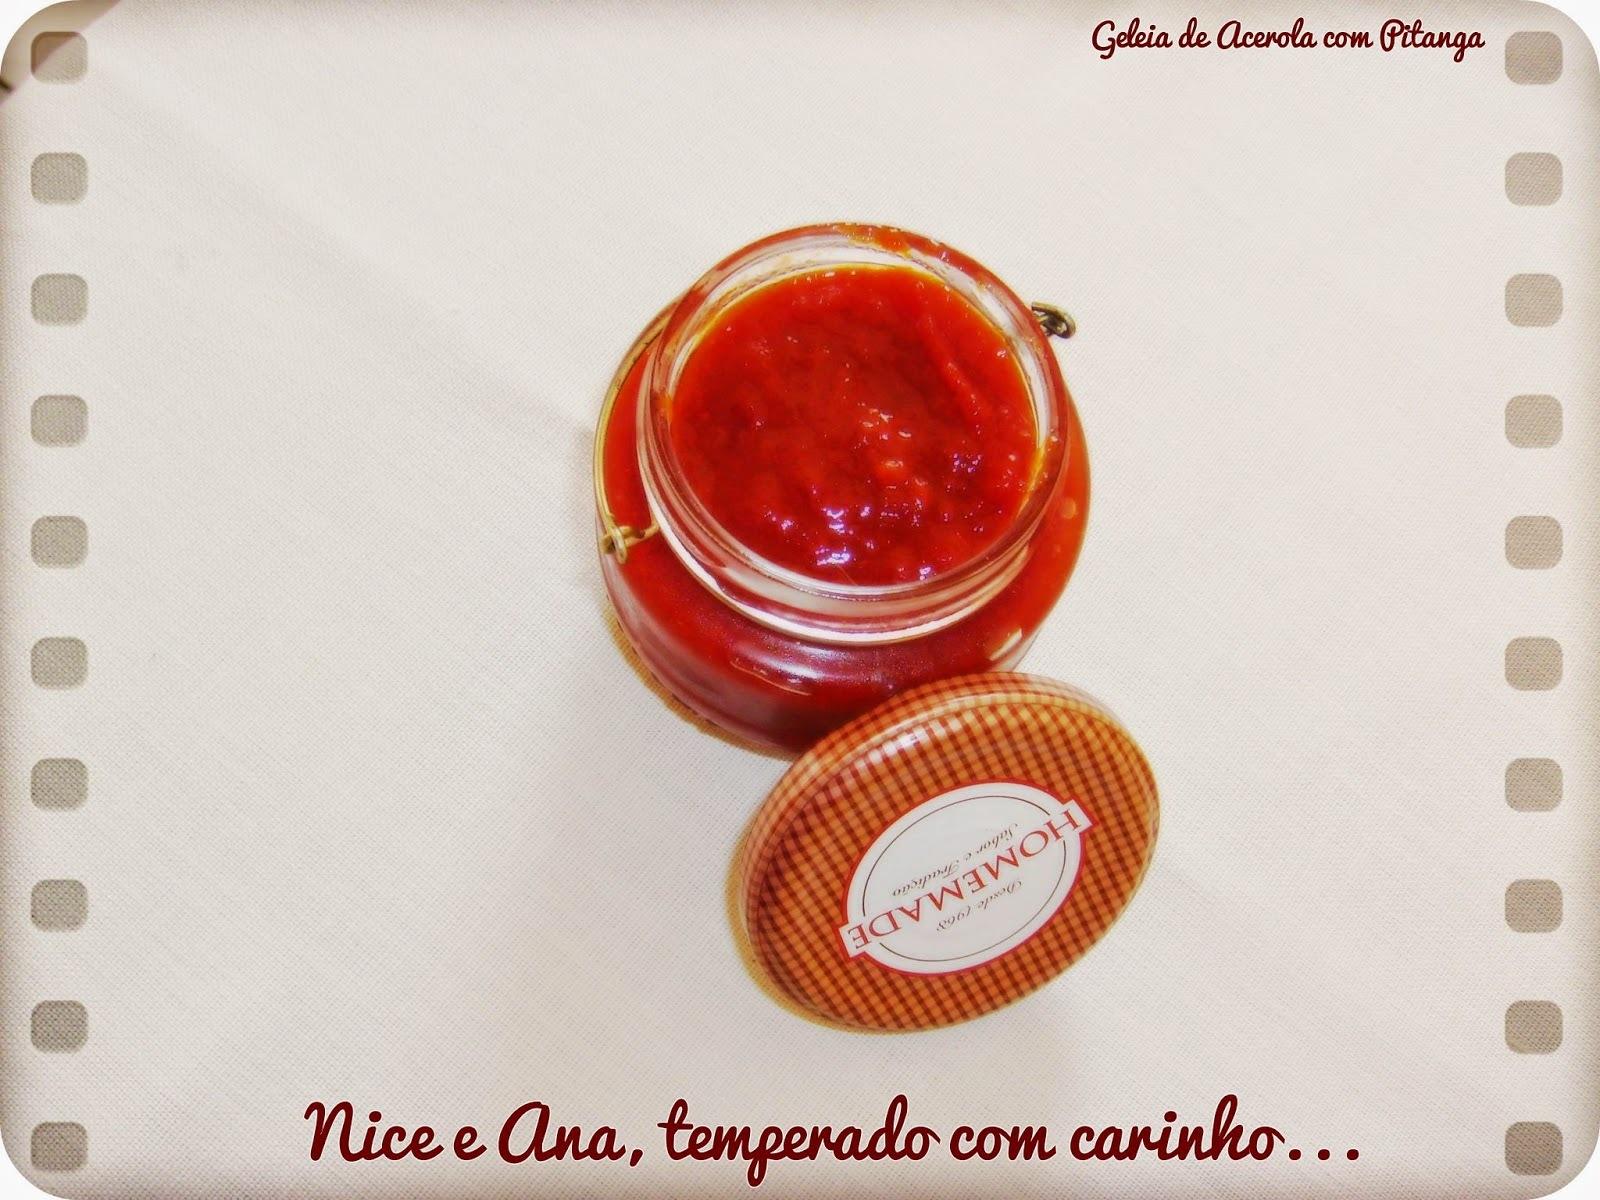 Geléia de Acerola com Pitanga